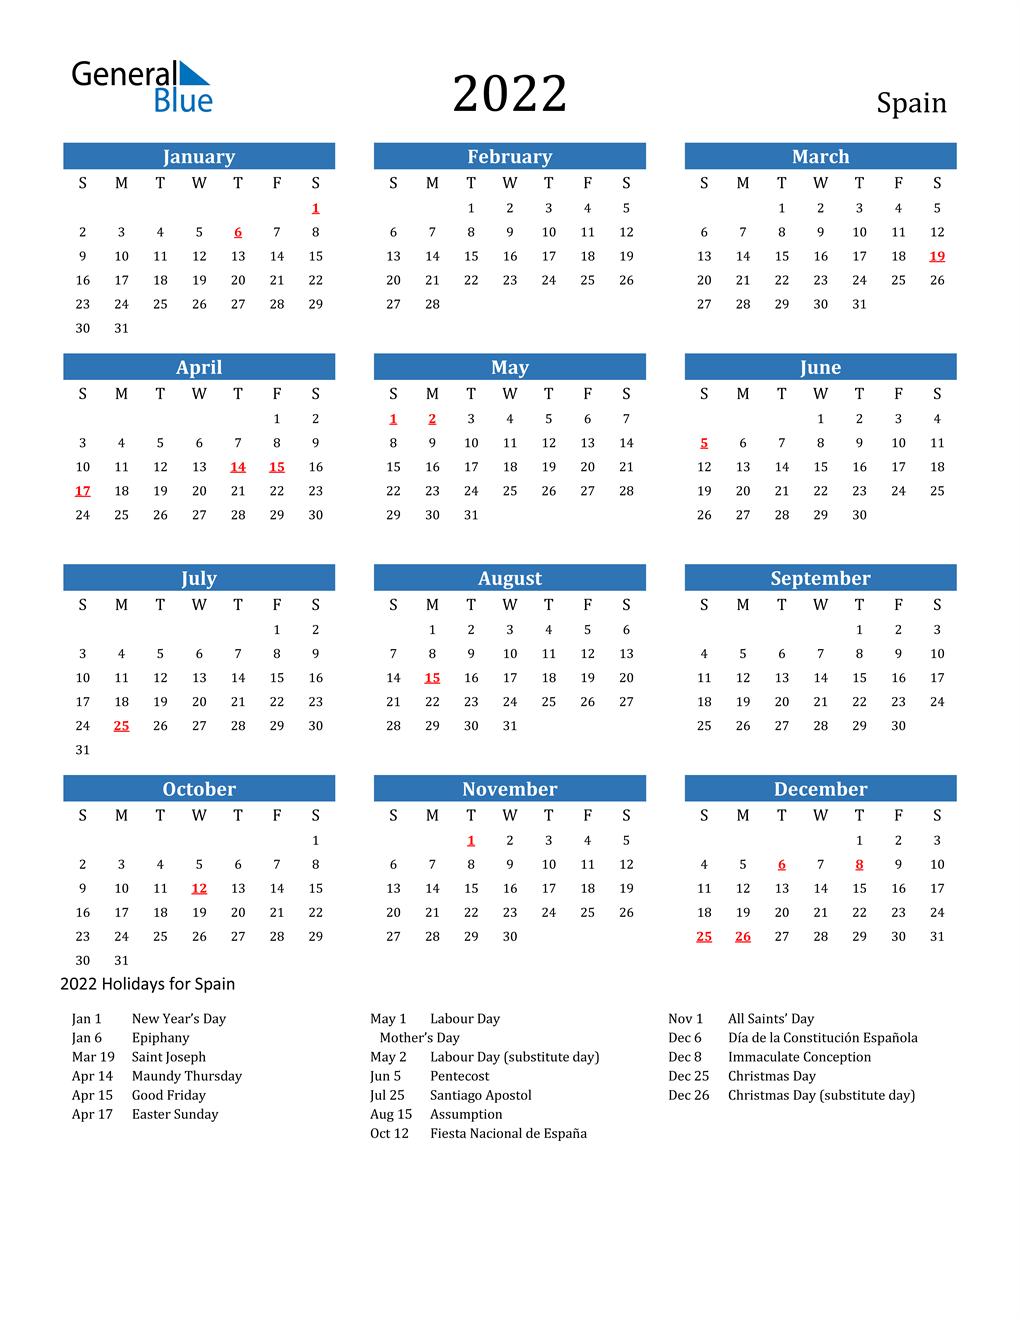 Spanish Calendar 2022.2022 Spain Calendar With Holidays